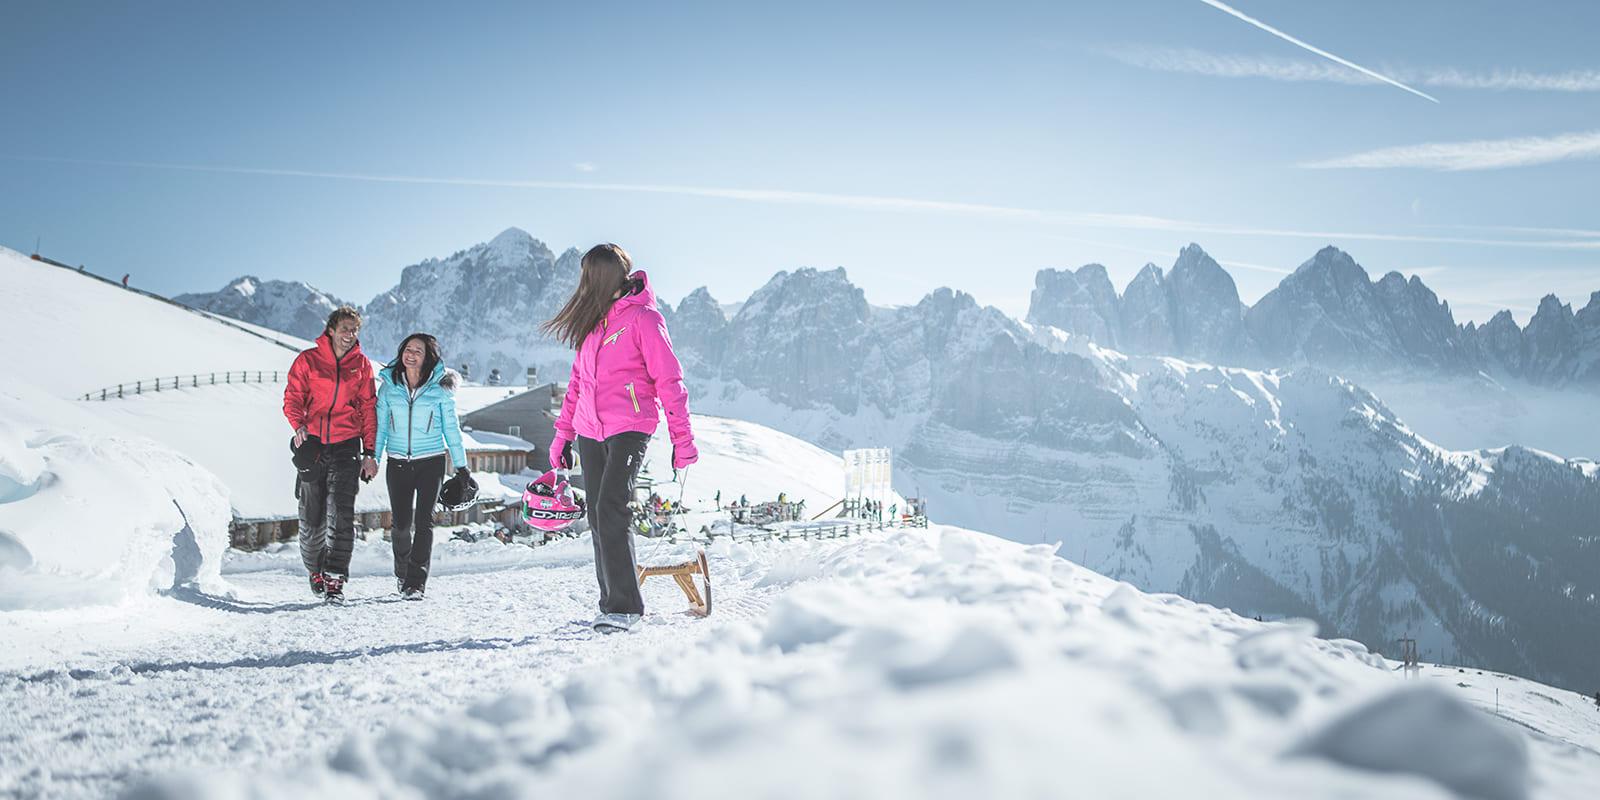 GERHARTS - Winterwanderung auf der Plose